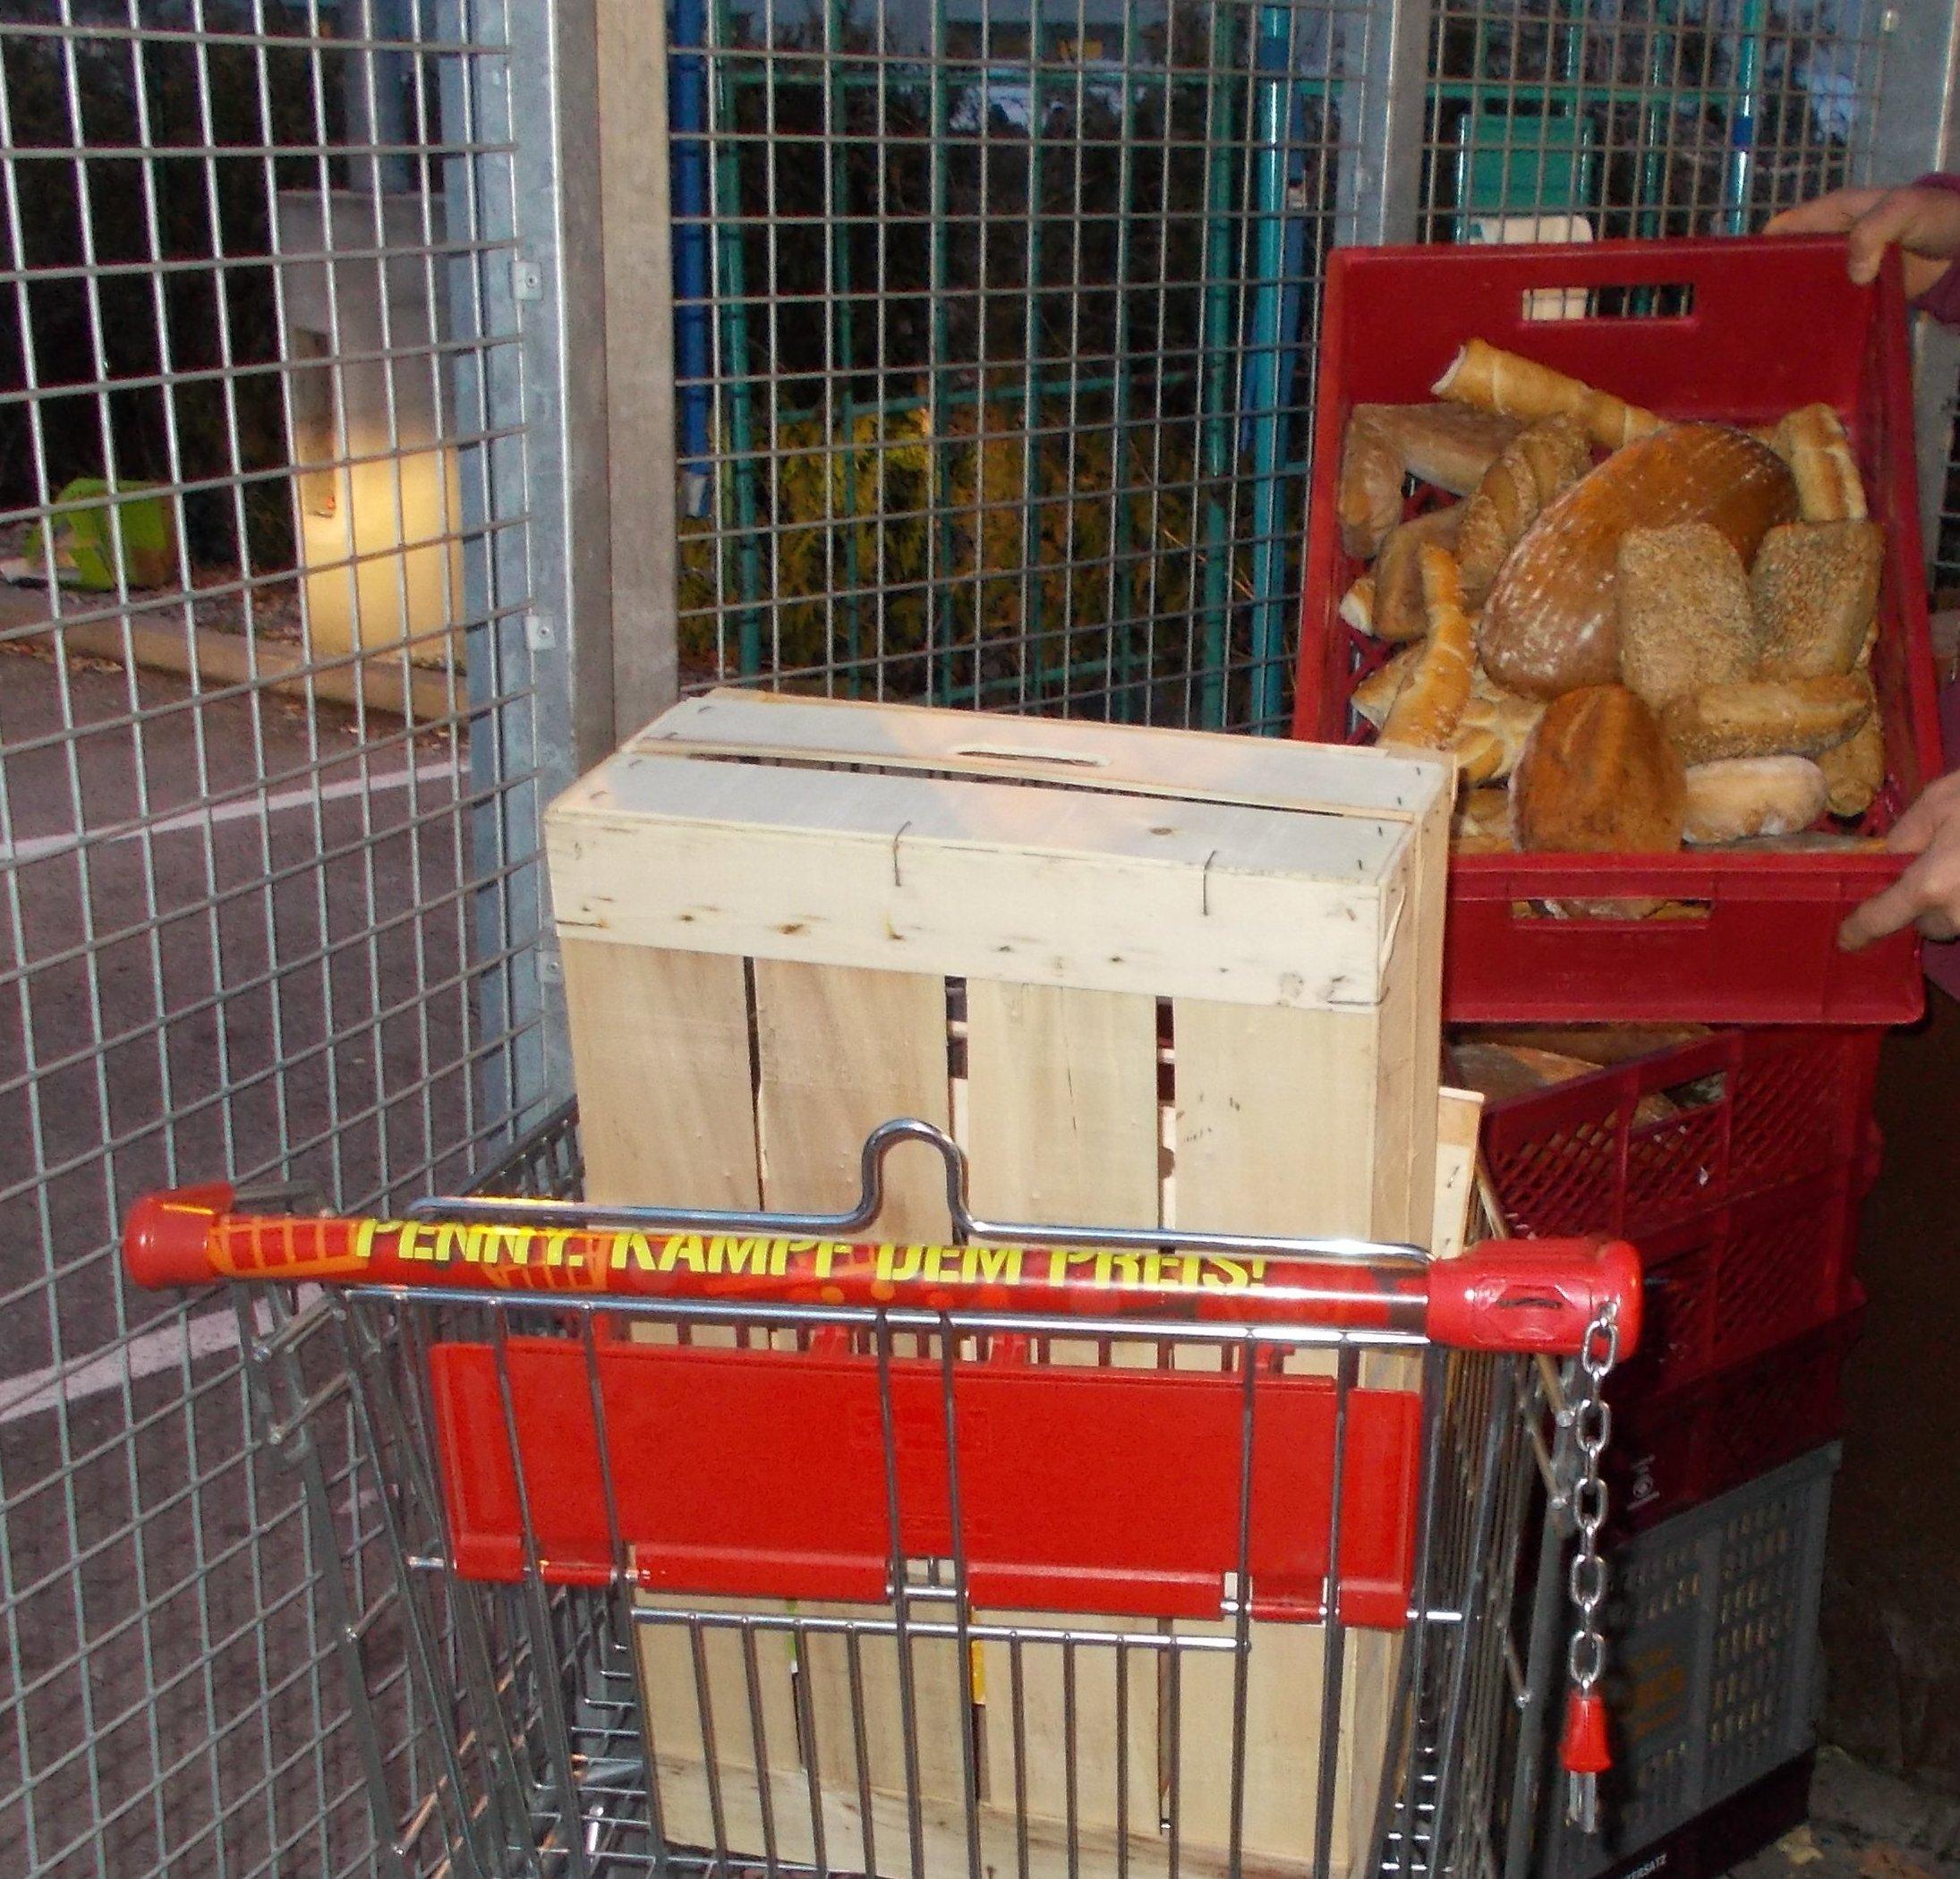 Kistenweise frisches Brot zur freien Entnahme, während ich bezahle